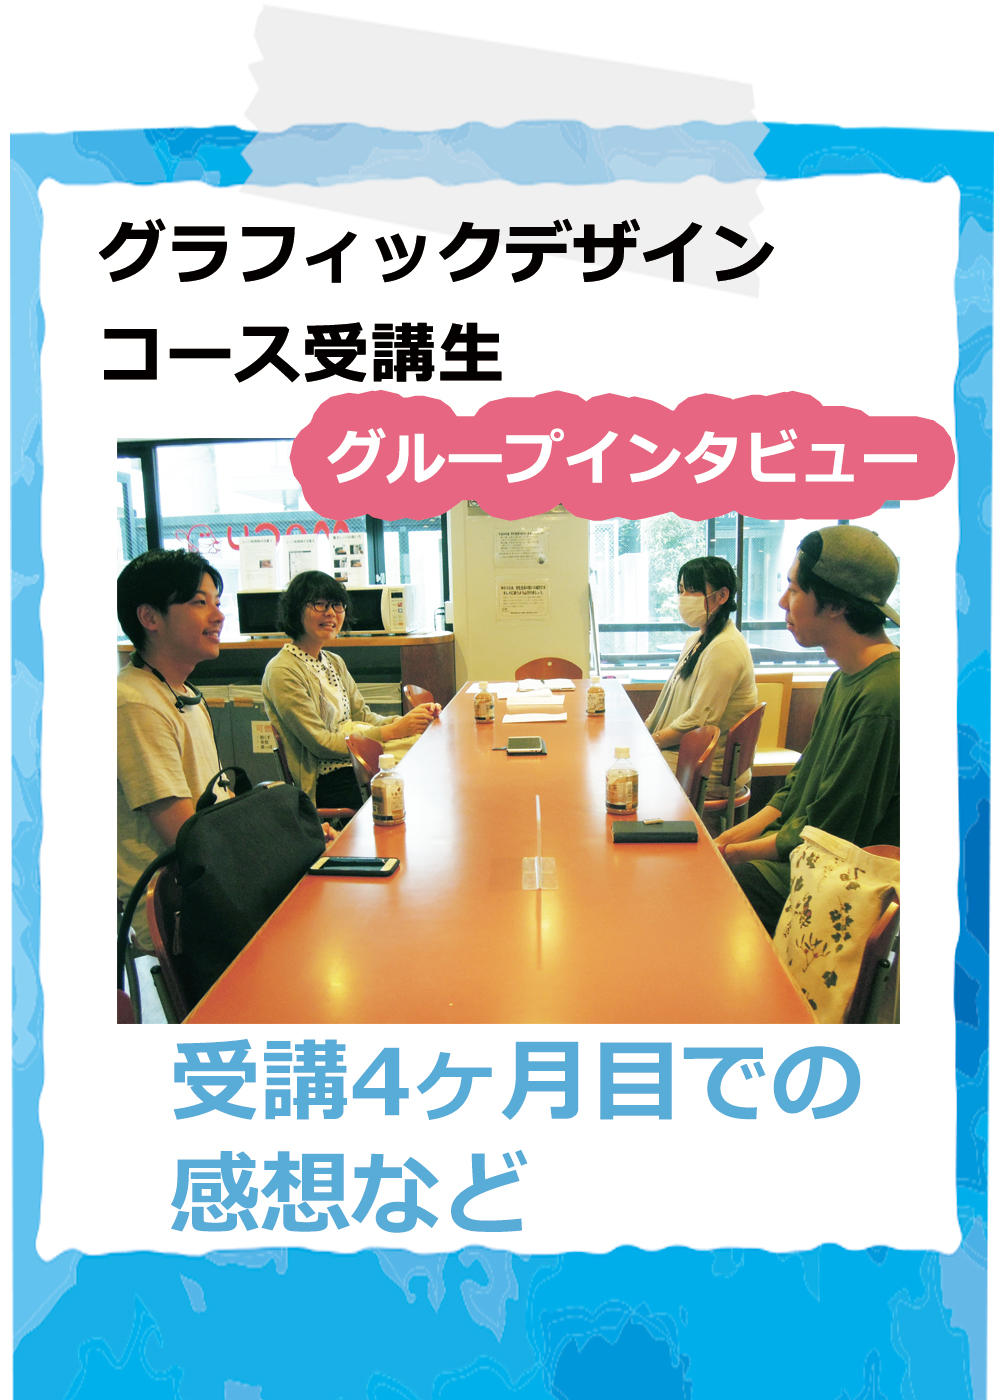 東京デザイン専門学校 夜間社会人 グラフィック グループインタビュー